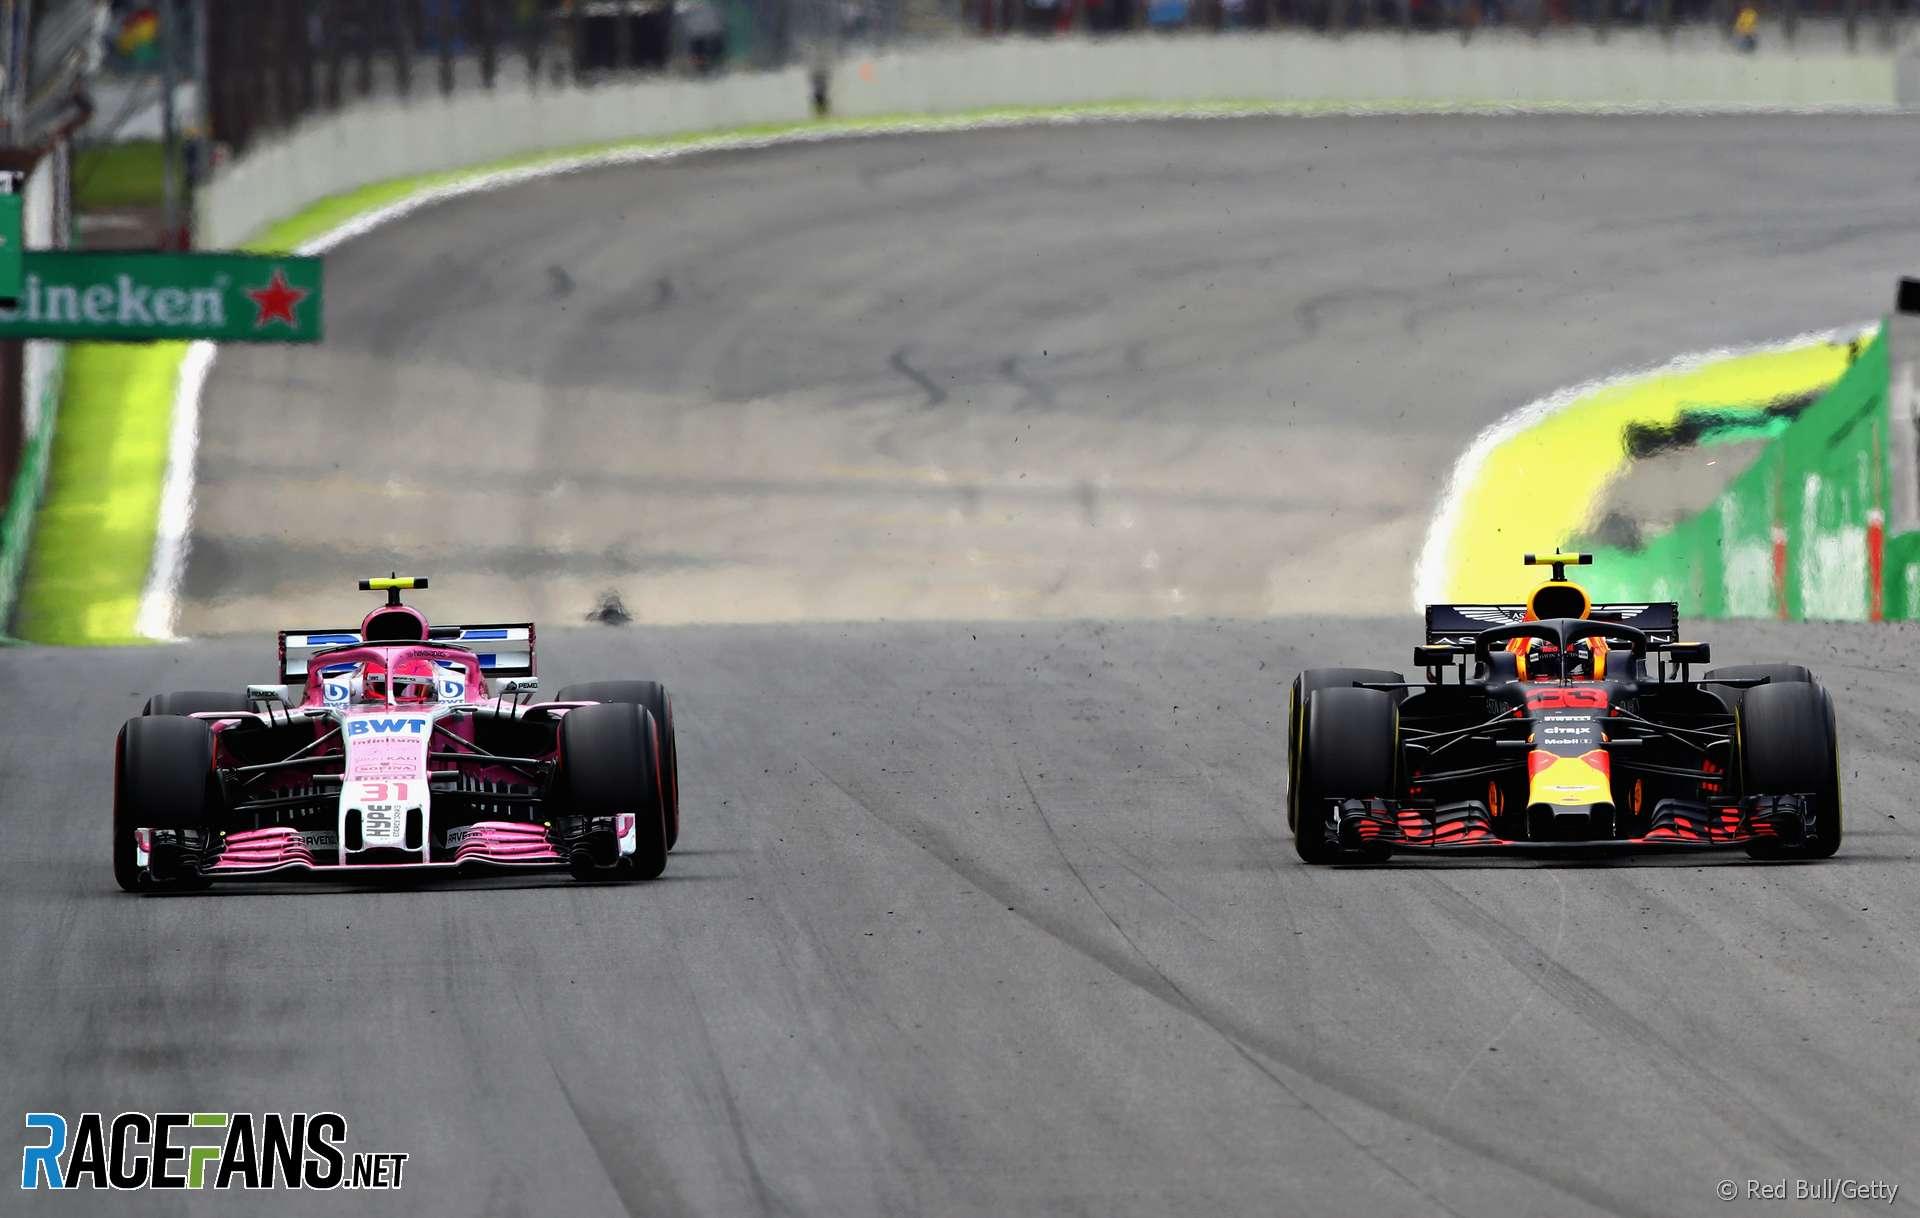 Esteban Ocon, Max Verstappen, Interlagos, 2018